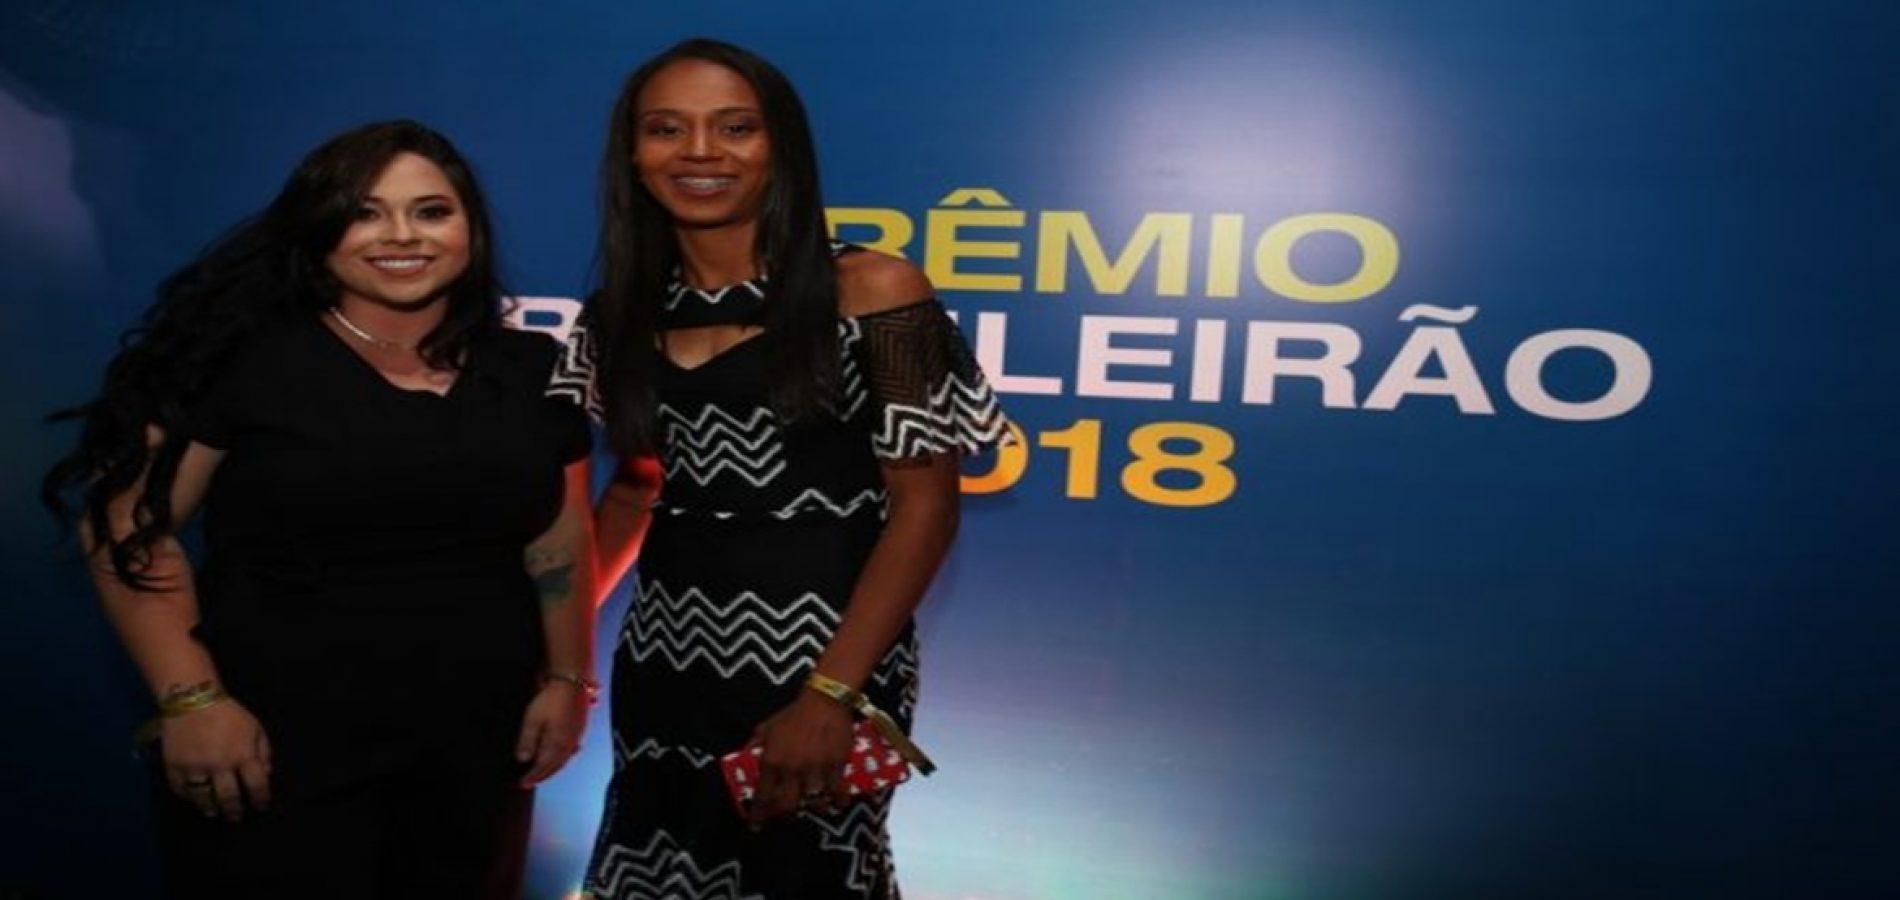 Piauiense que joga no Corinthians é eleita melhor meio-campista e craque do Brasileirão Feminino